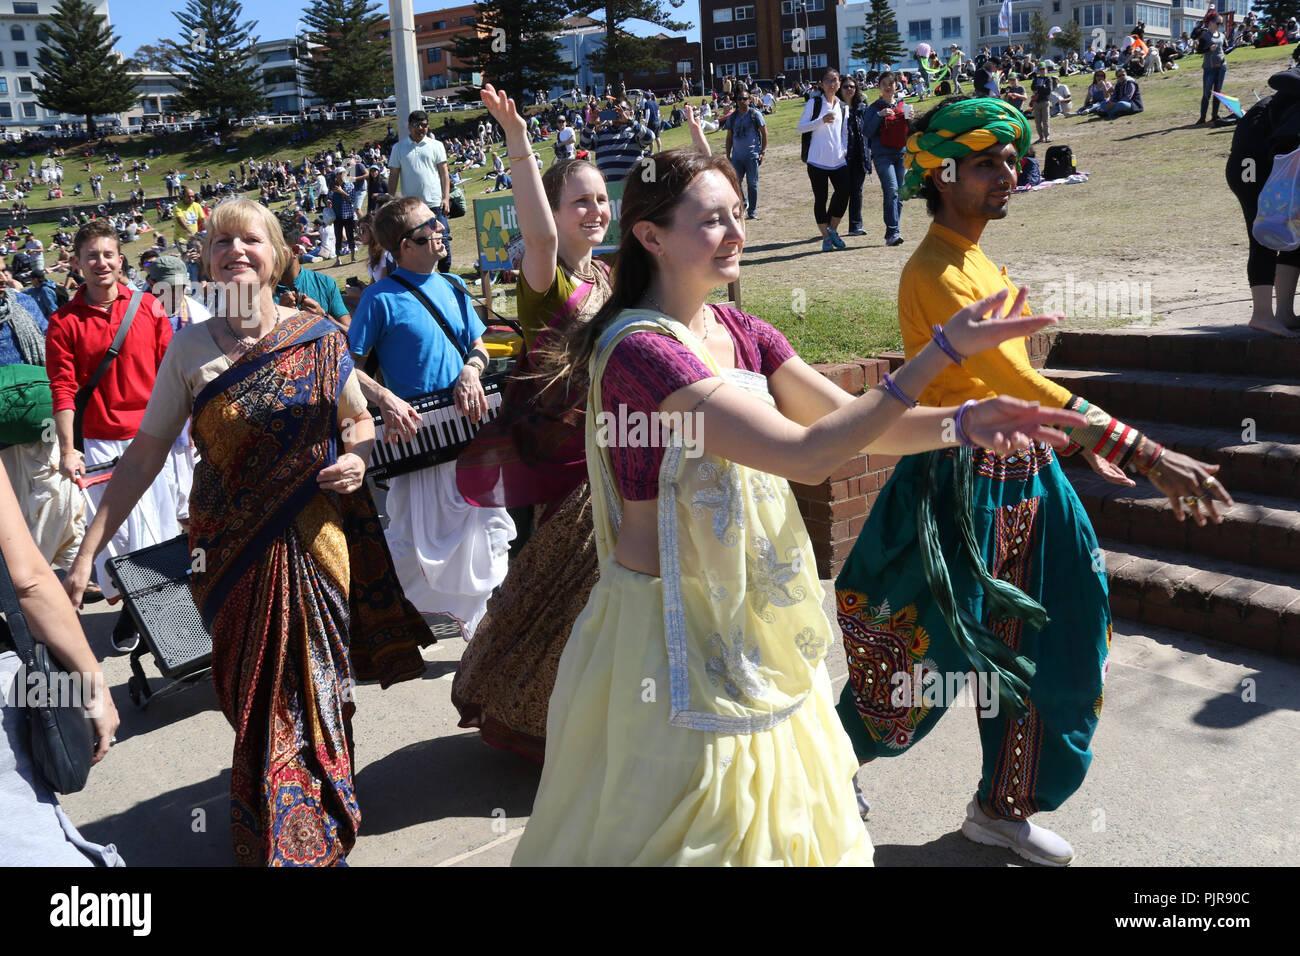 Hare Krishna Anhänger am Bondi Beach, Sydney, Australien Stockfoto